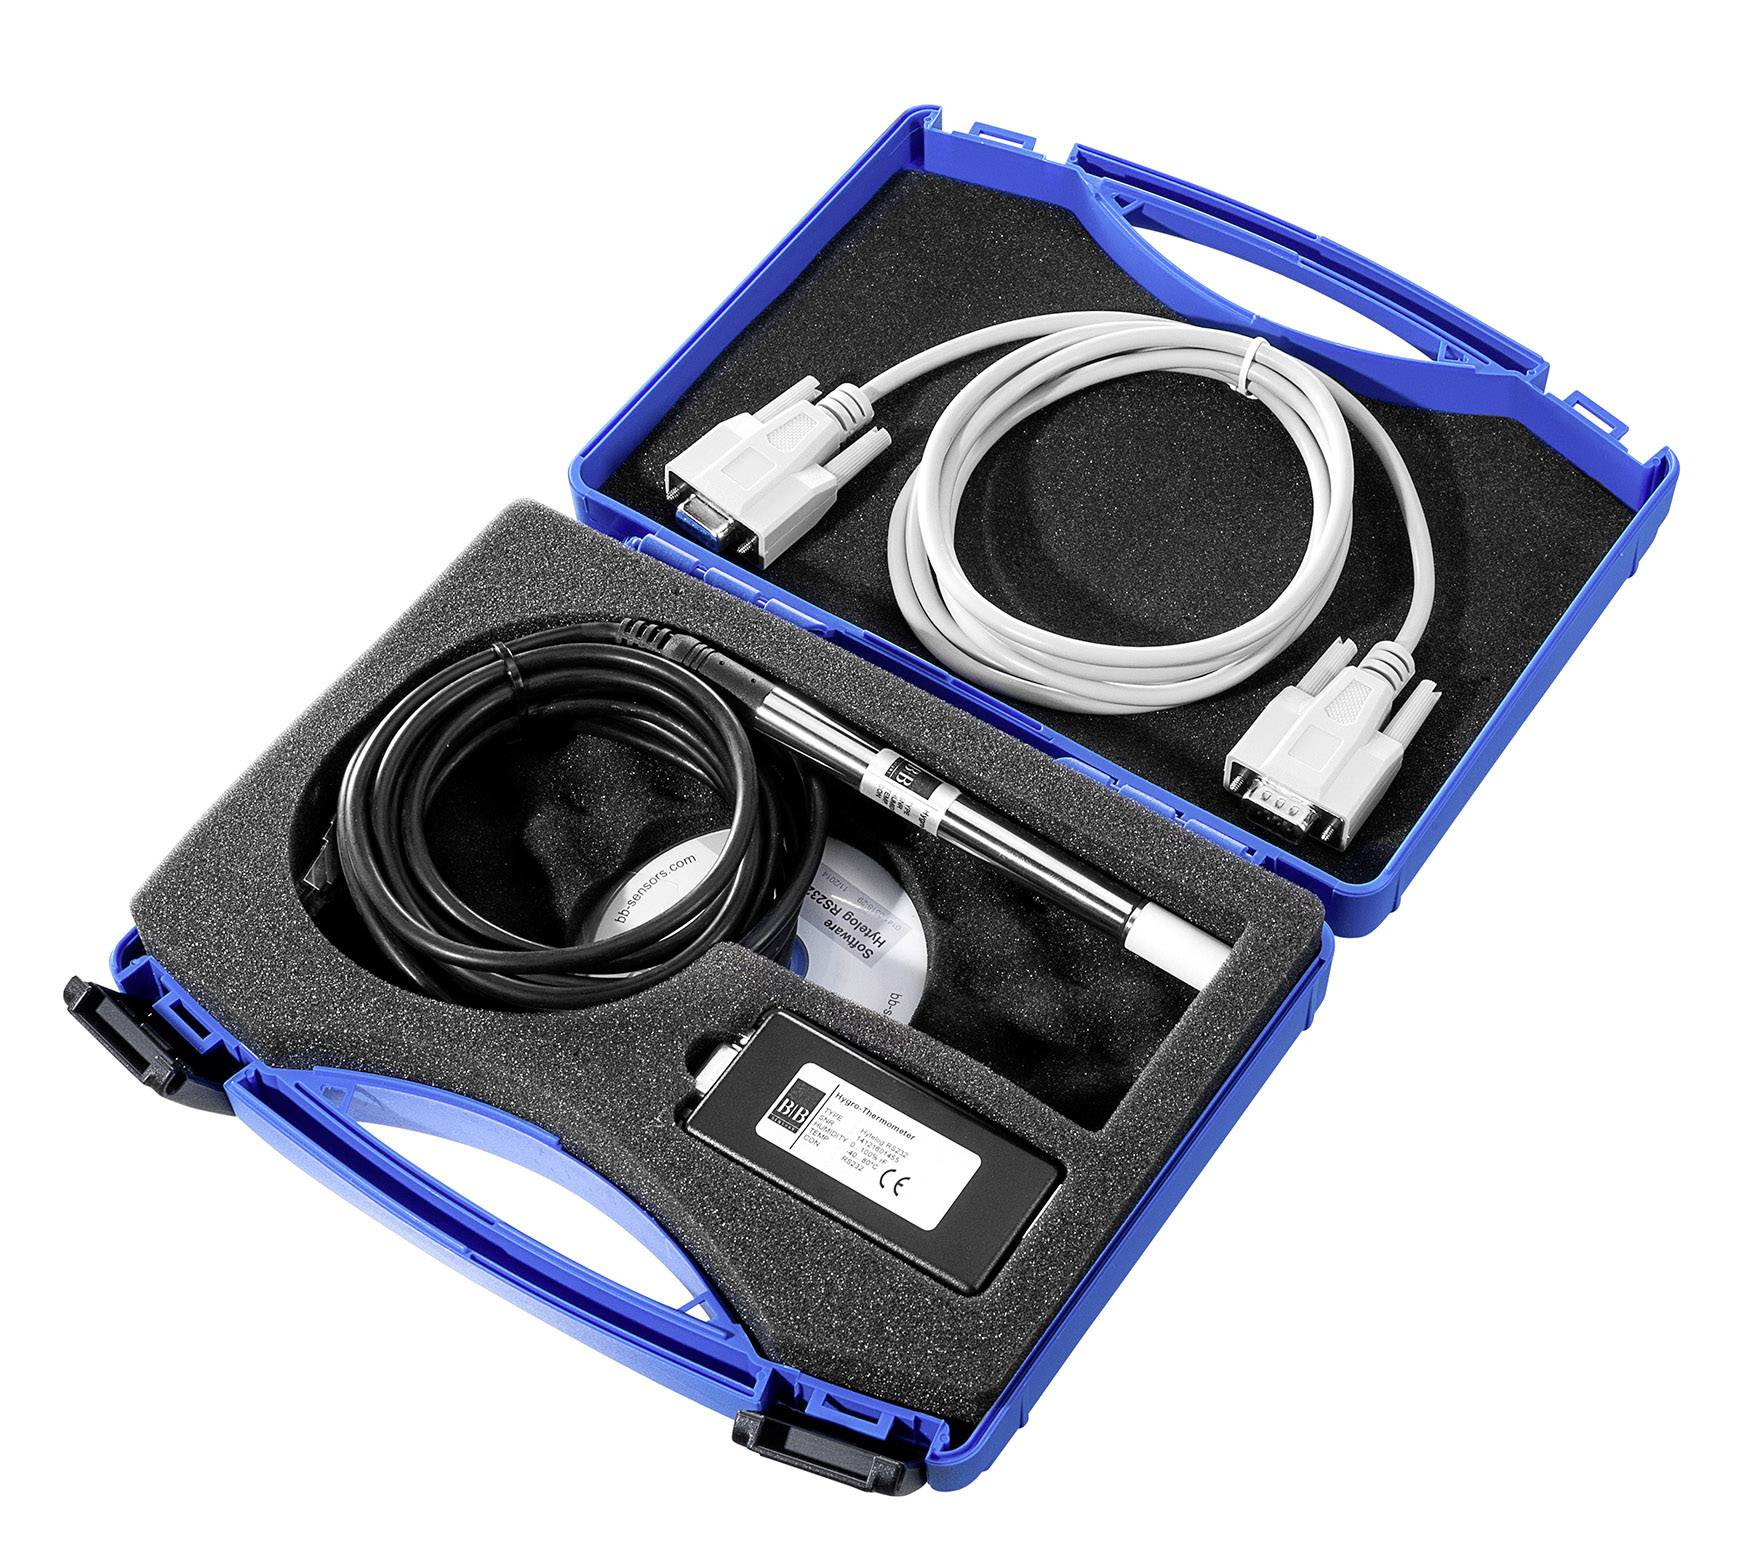 Nerezový teplotní/vlhkostní senzor B & B Thermotechnik CON-HYTE-LOG-USB, rozhraní USB